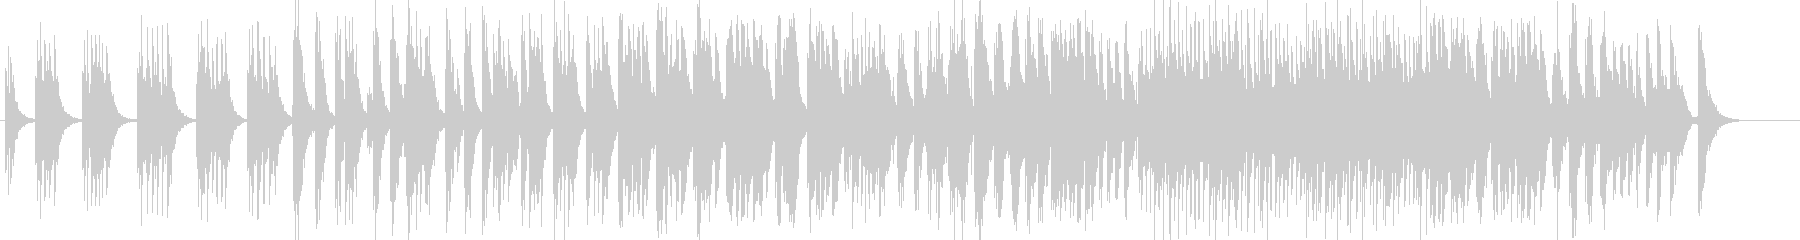 アフリカ固有のドラムでアフリカの音...の未再生の波形